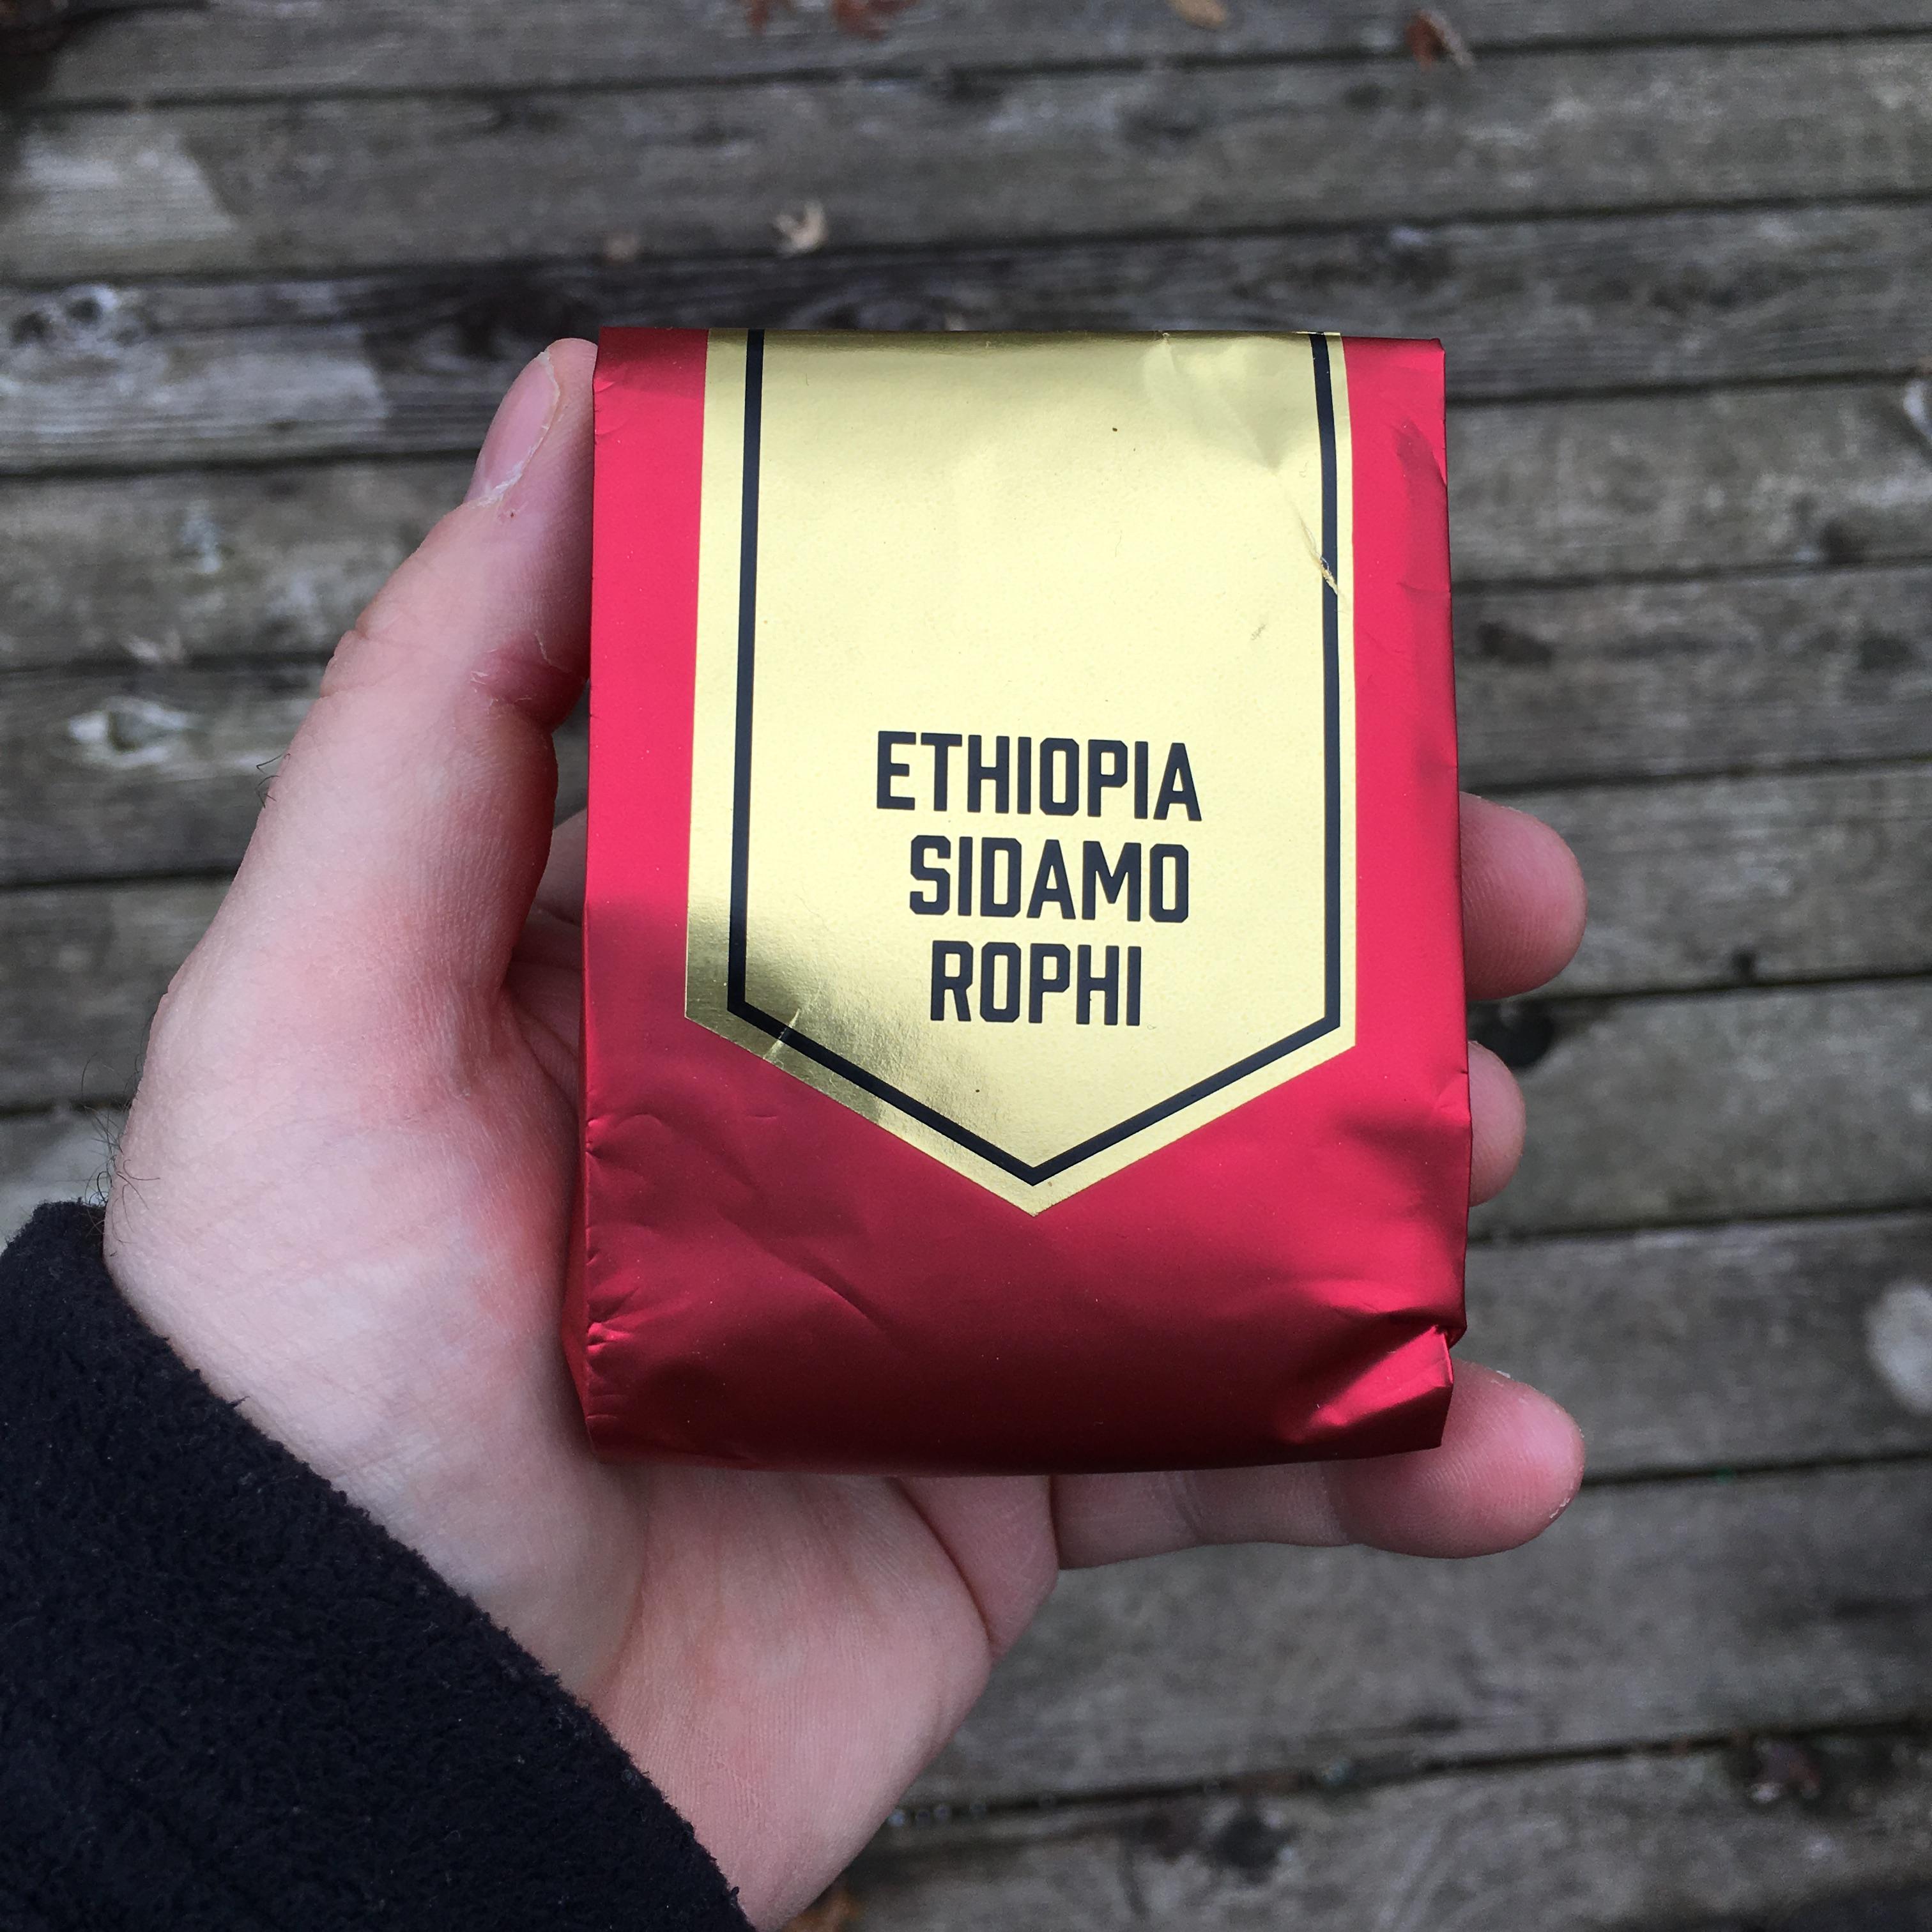 Holy Schmidt Ethiopia Sidamo Rophi